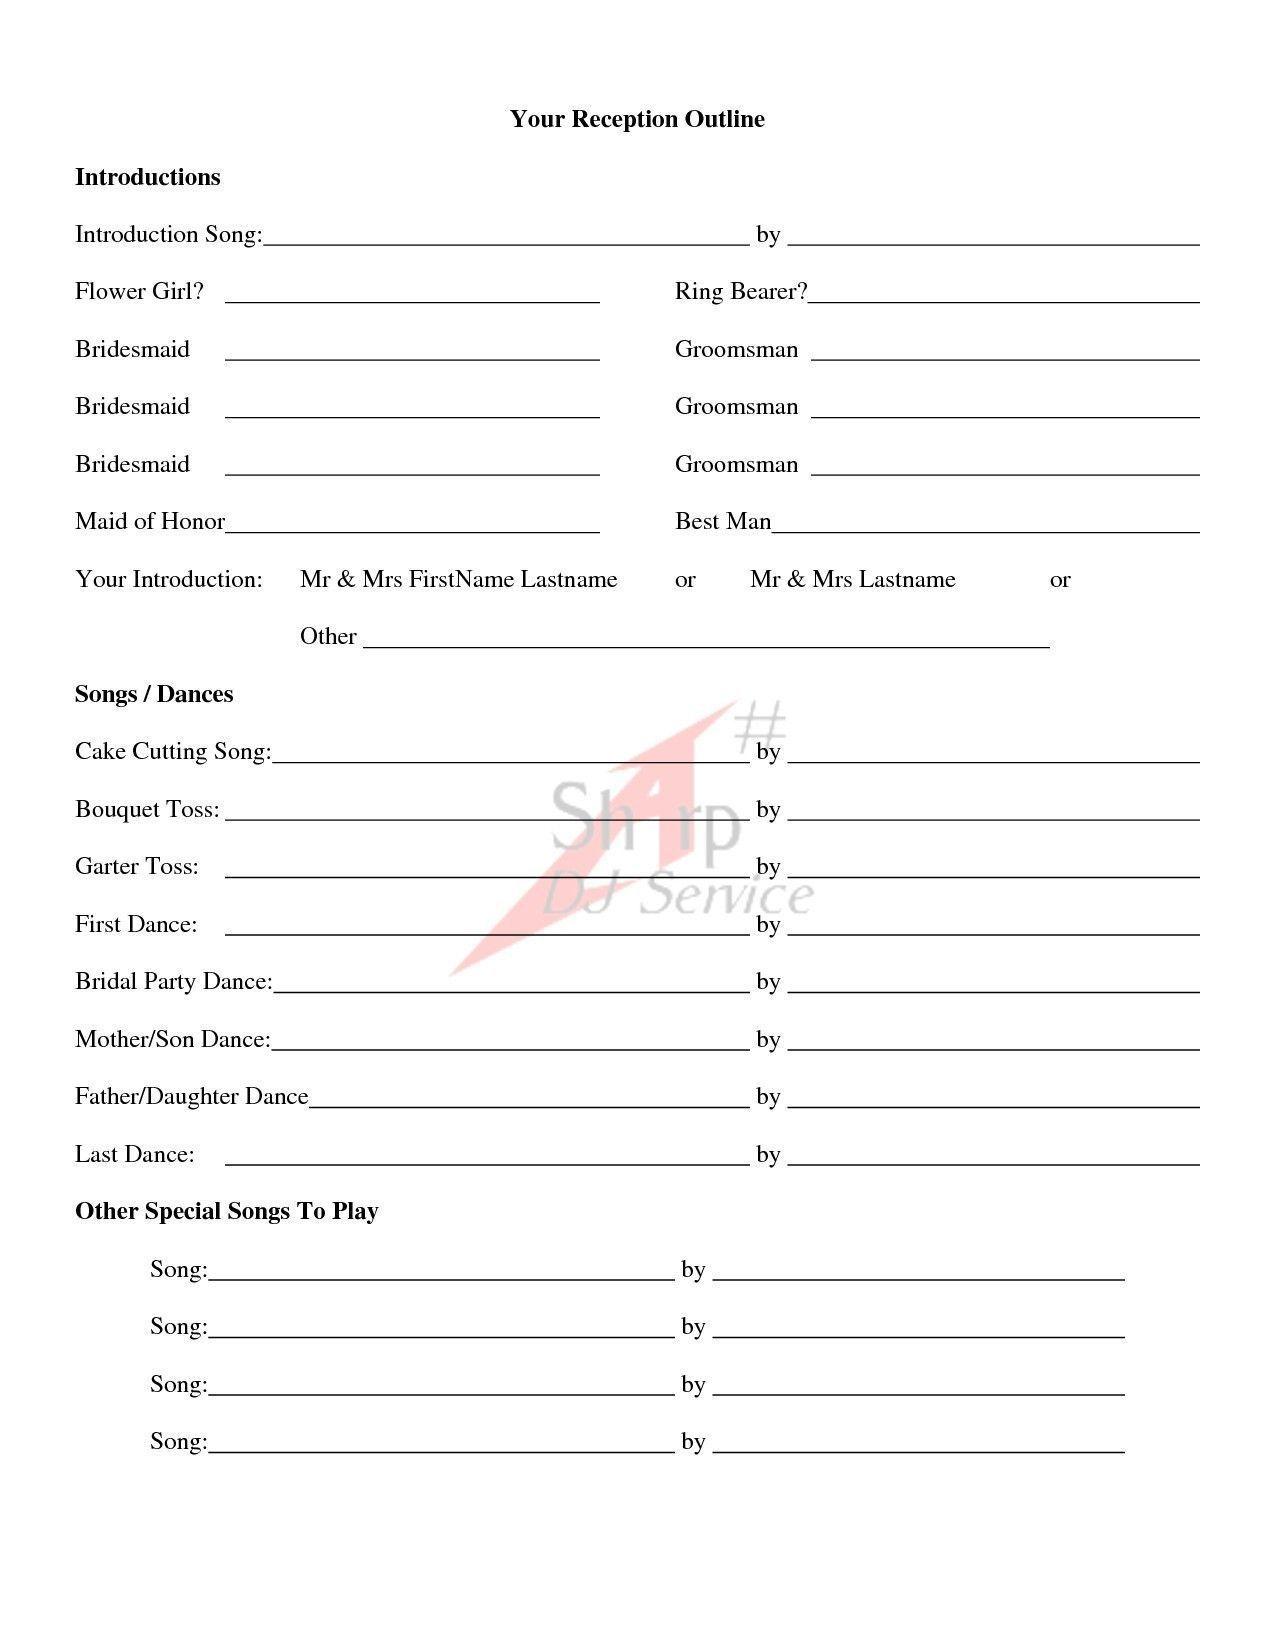 New Wedding List Template Xlstemplate Xlsformats Docummenttempelate Exceltemplate Microso Wedding Ceremony Outline Wedding Ceremony Music Ceremony Outline Wedding ceremony song list template